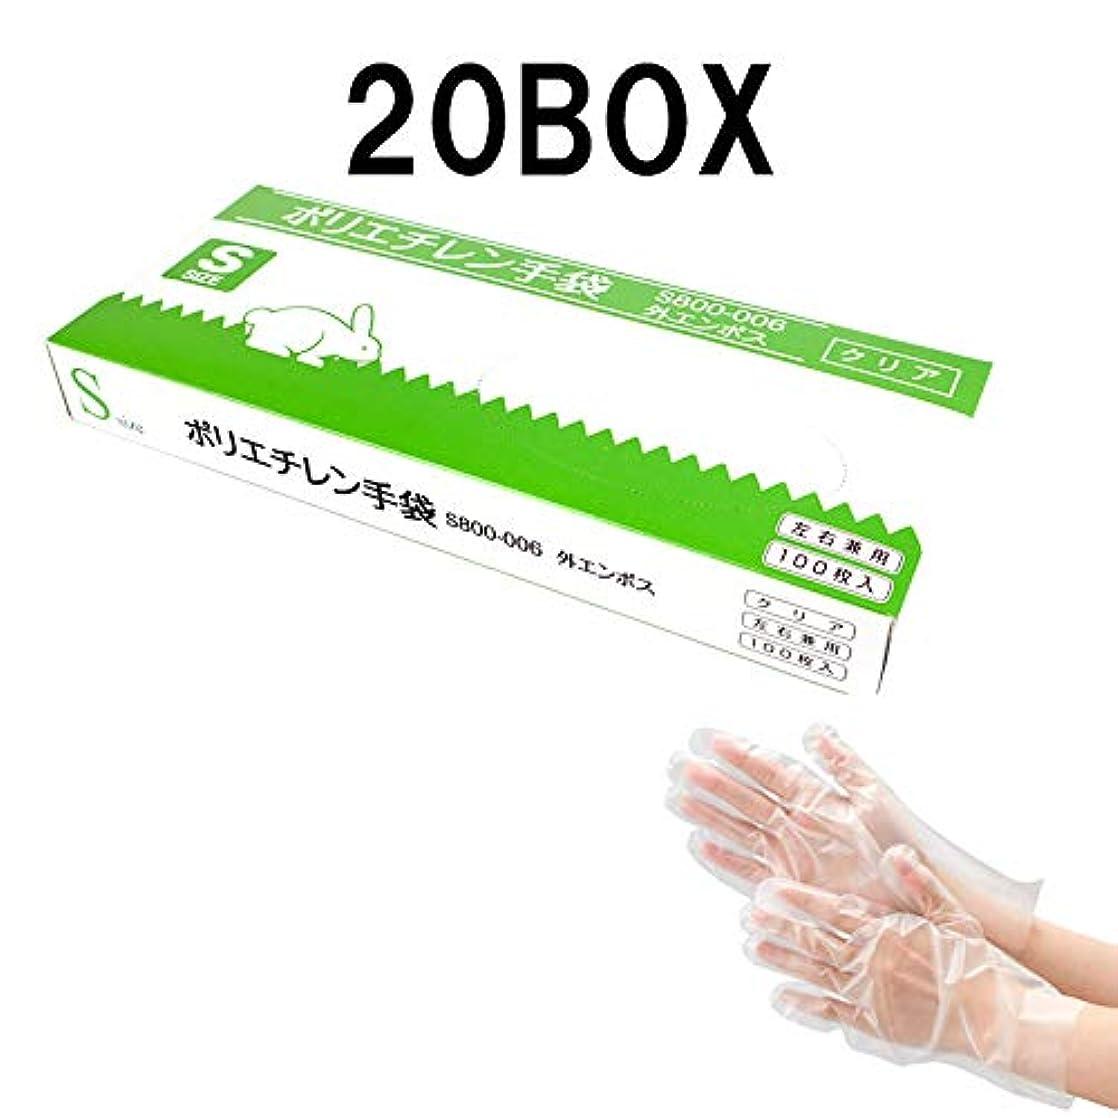 カエル隙間アクセス(2000枚) 使い捨て ポリエチレン手袋 Sサイズ 100枚入り×20BOX クリア色 左右兼用 外エンボス 食品衛生法適合品